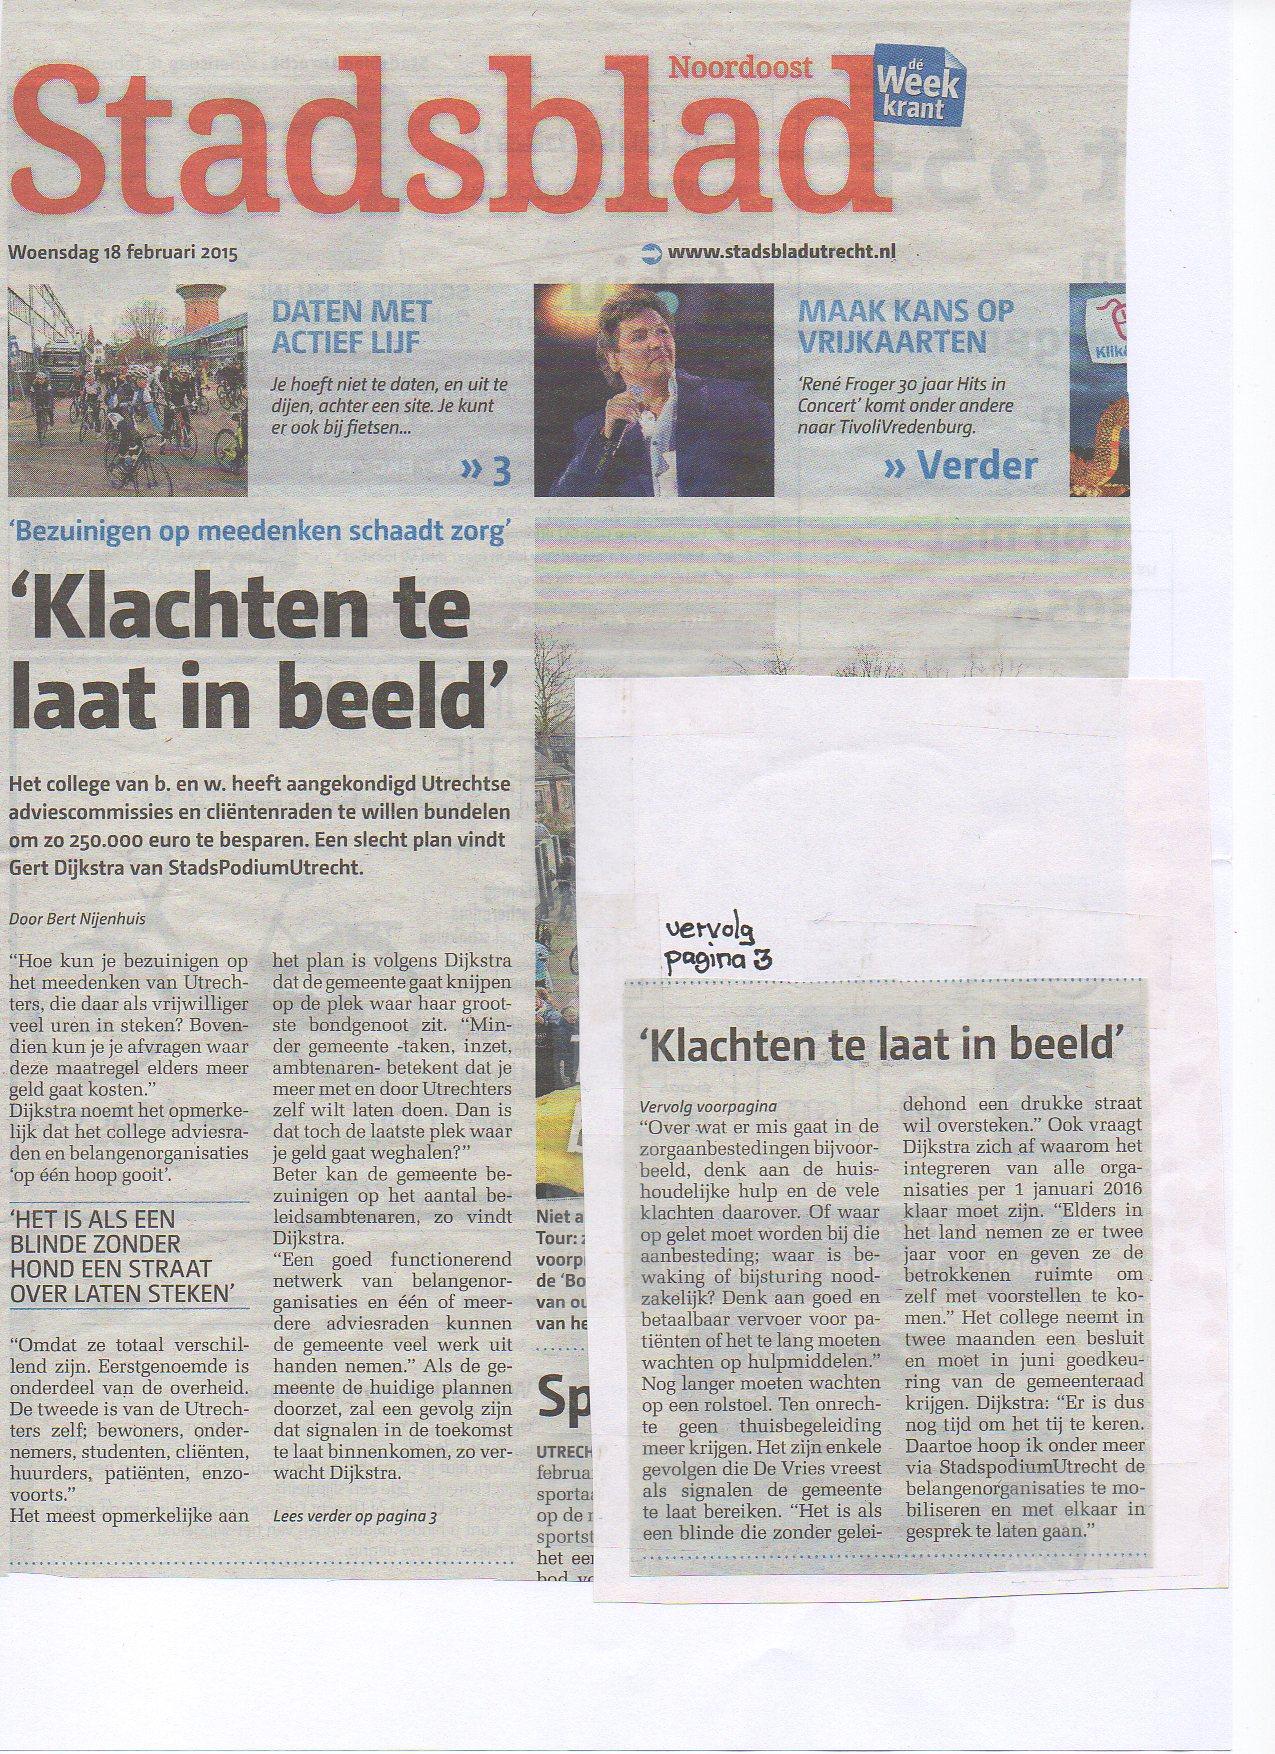 Artikel Stadsblad Utrecht 18 februari 2015 over Klachten te laat in beeld